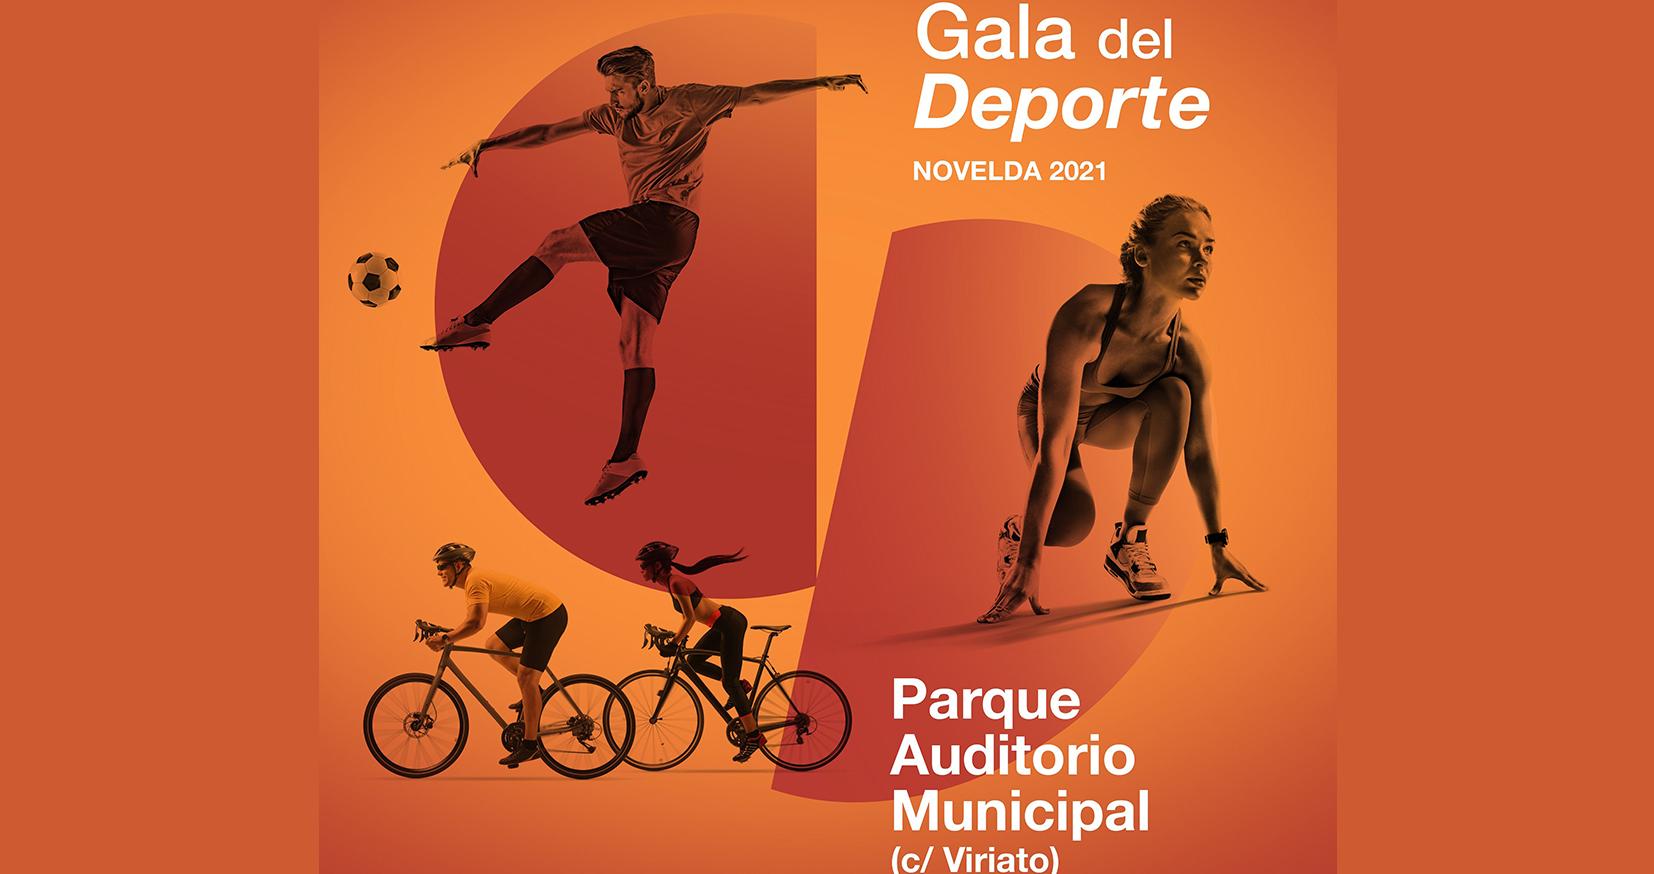 La Gala del Deporte 2021 de Novelda tendrá lugar el próximo sábado 16 de octubre